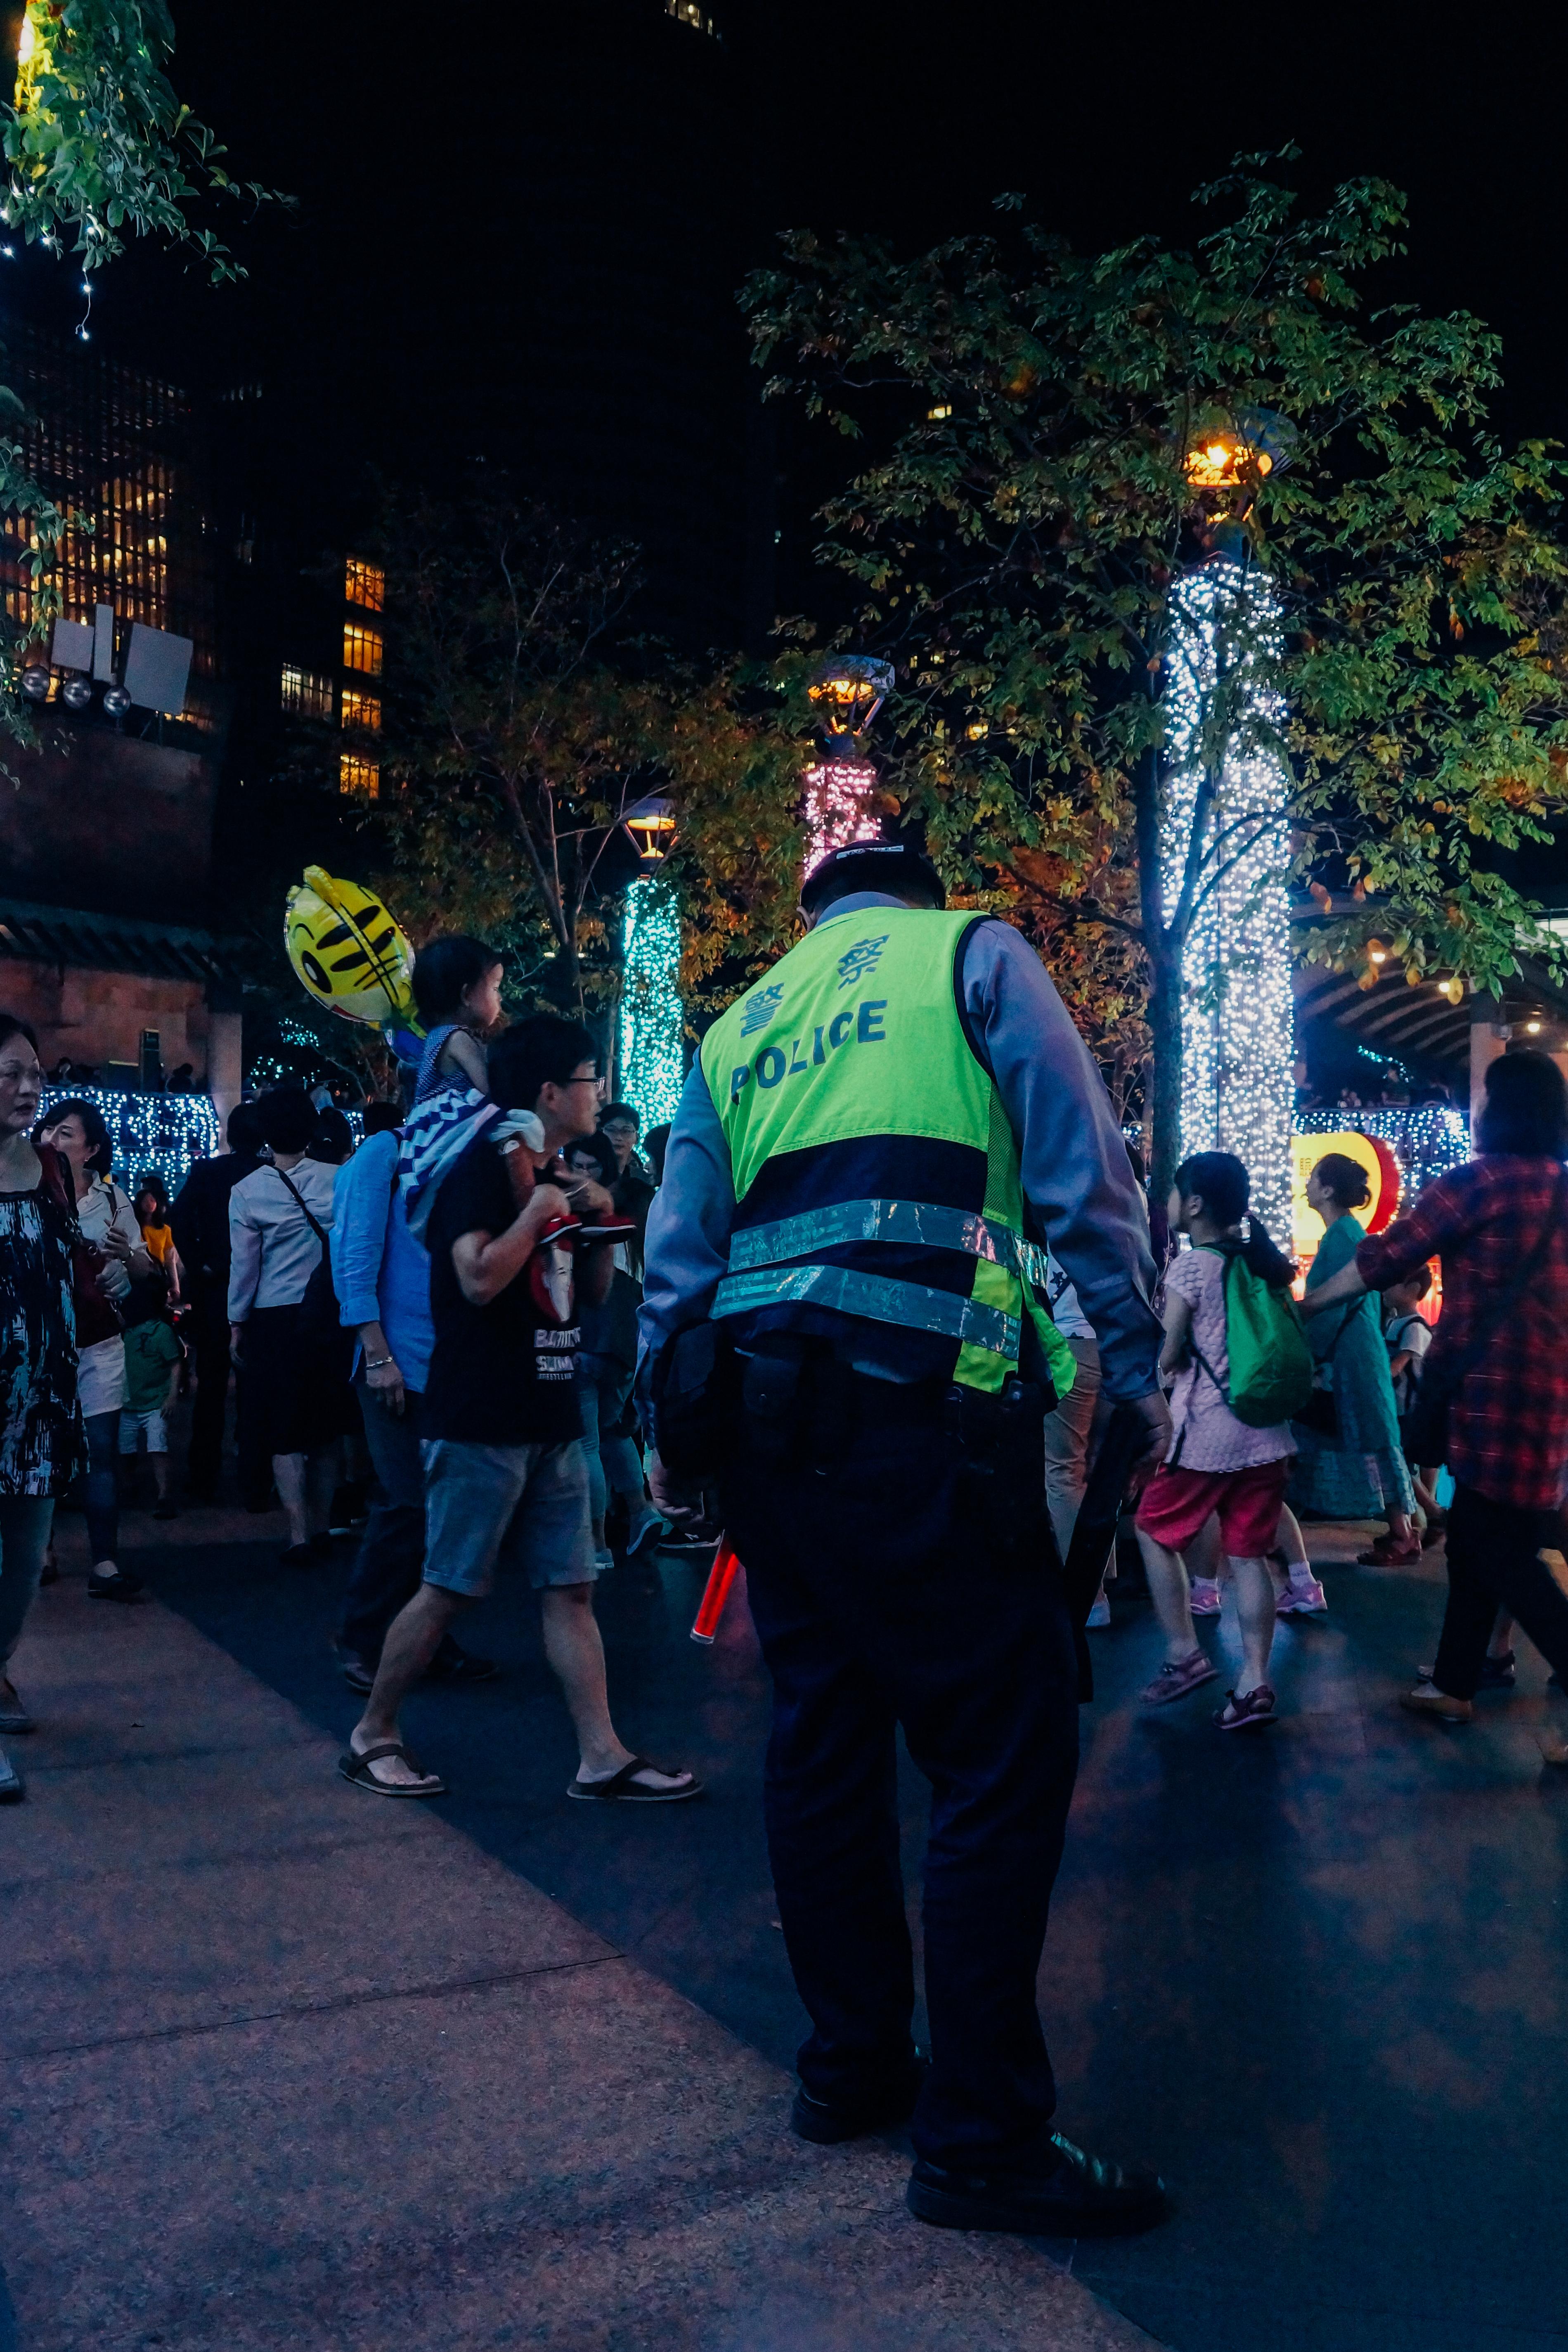 警察人員駐守維護治安或提供協助。攝影/潘姿穎